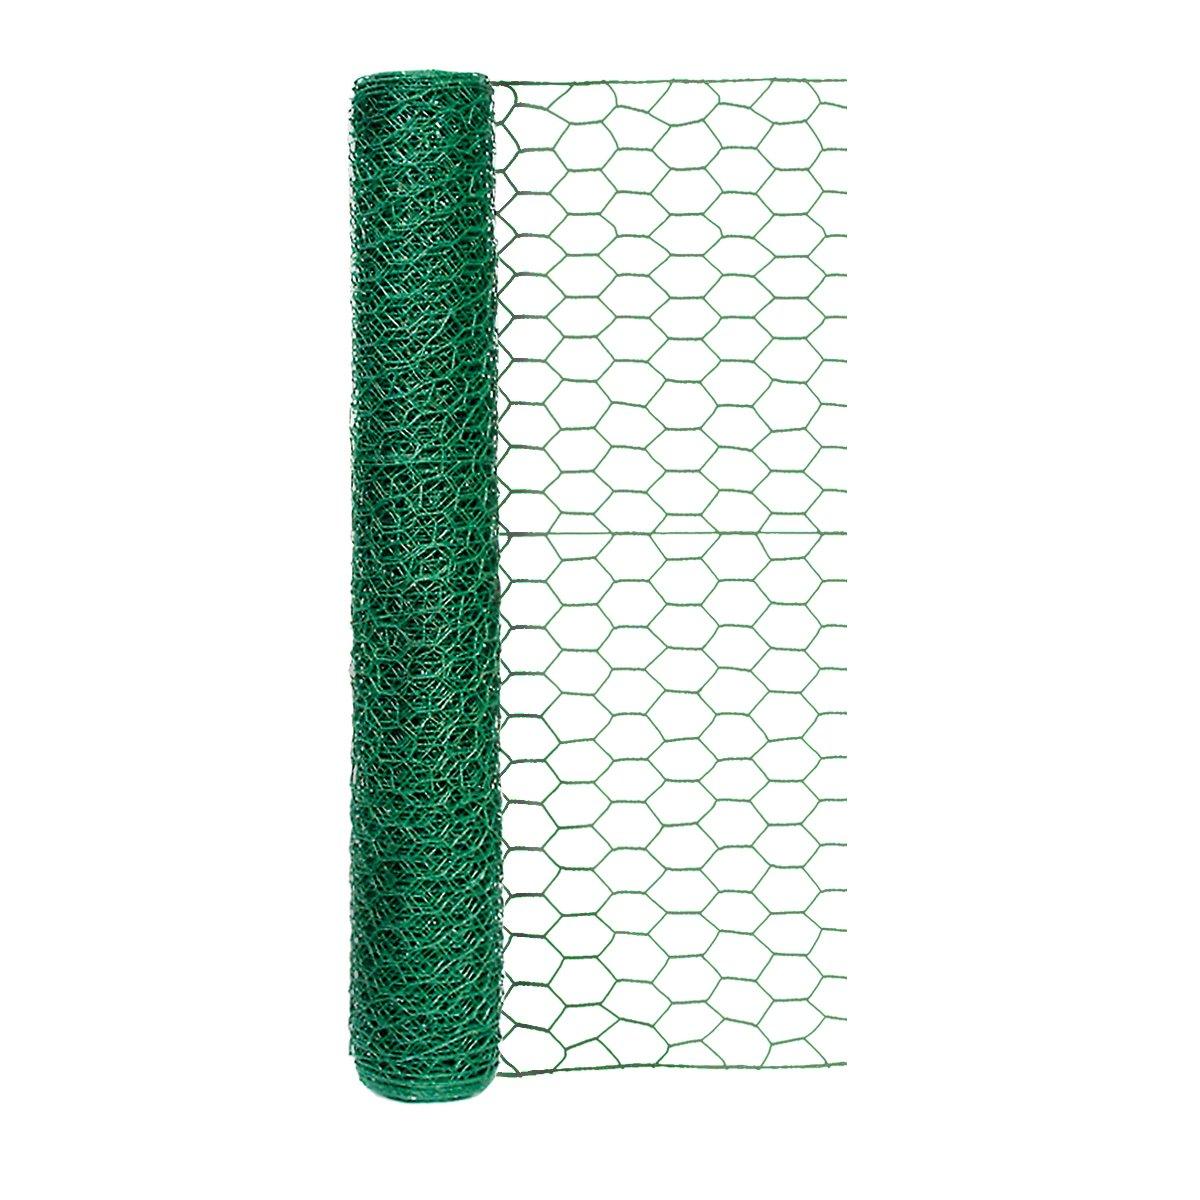 """Origin Point 100050568 20-Gauge 1-inch Green Vinyl Hex Netting 24inx25ft, 24"""" x 25',"""